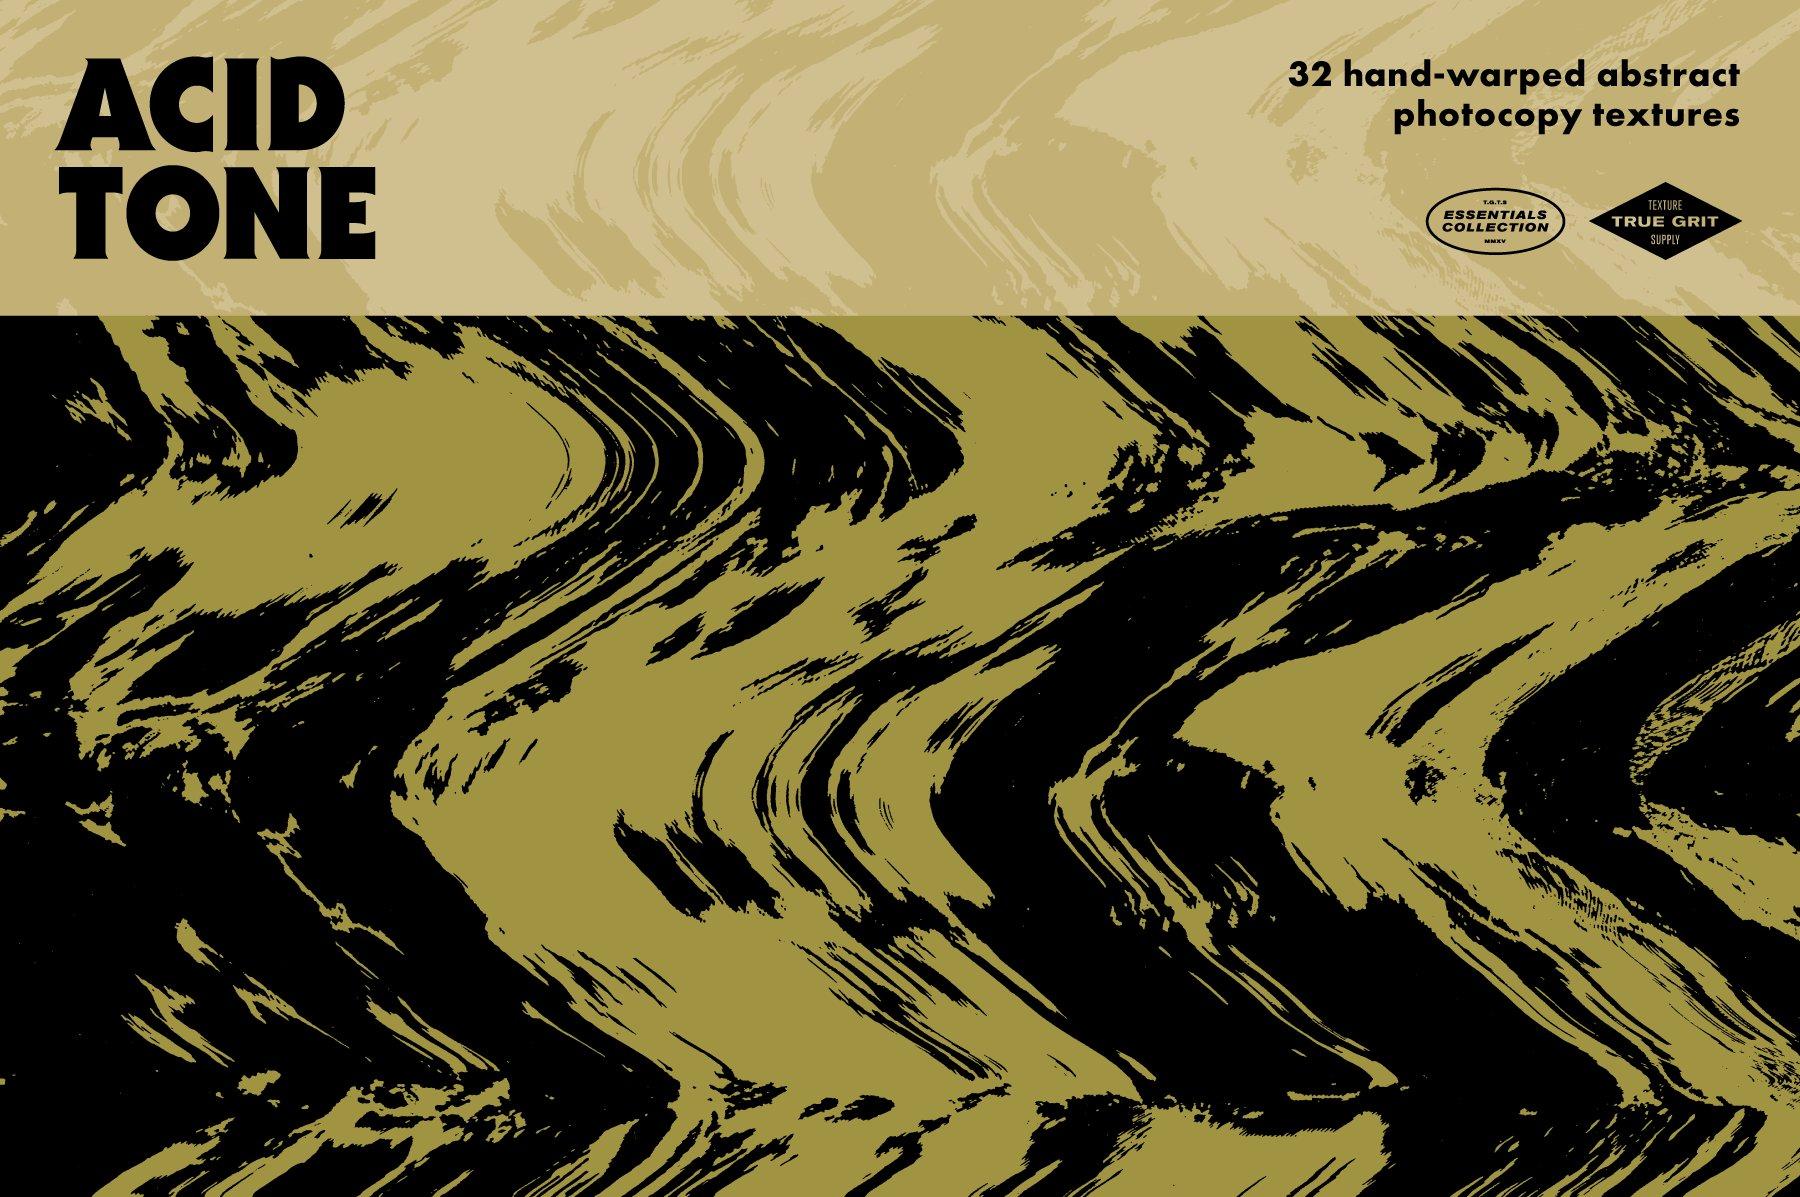 16款酸色调扭曲故障复制纹理平面广告设计背景矢量素材 Acid Tone Warped Copy Textures插图